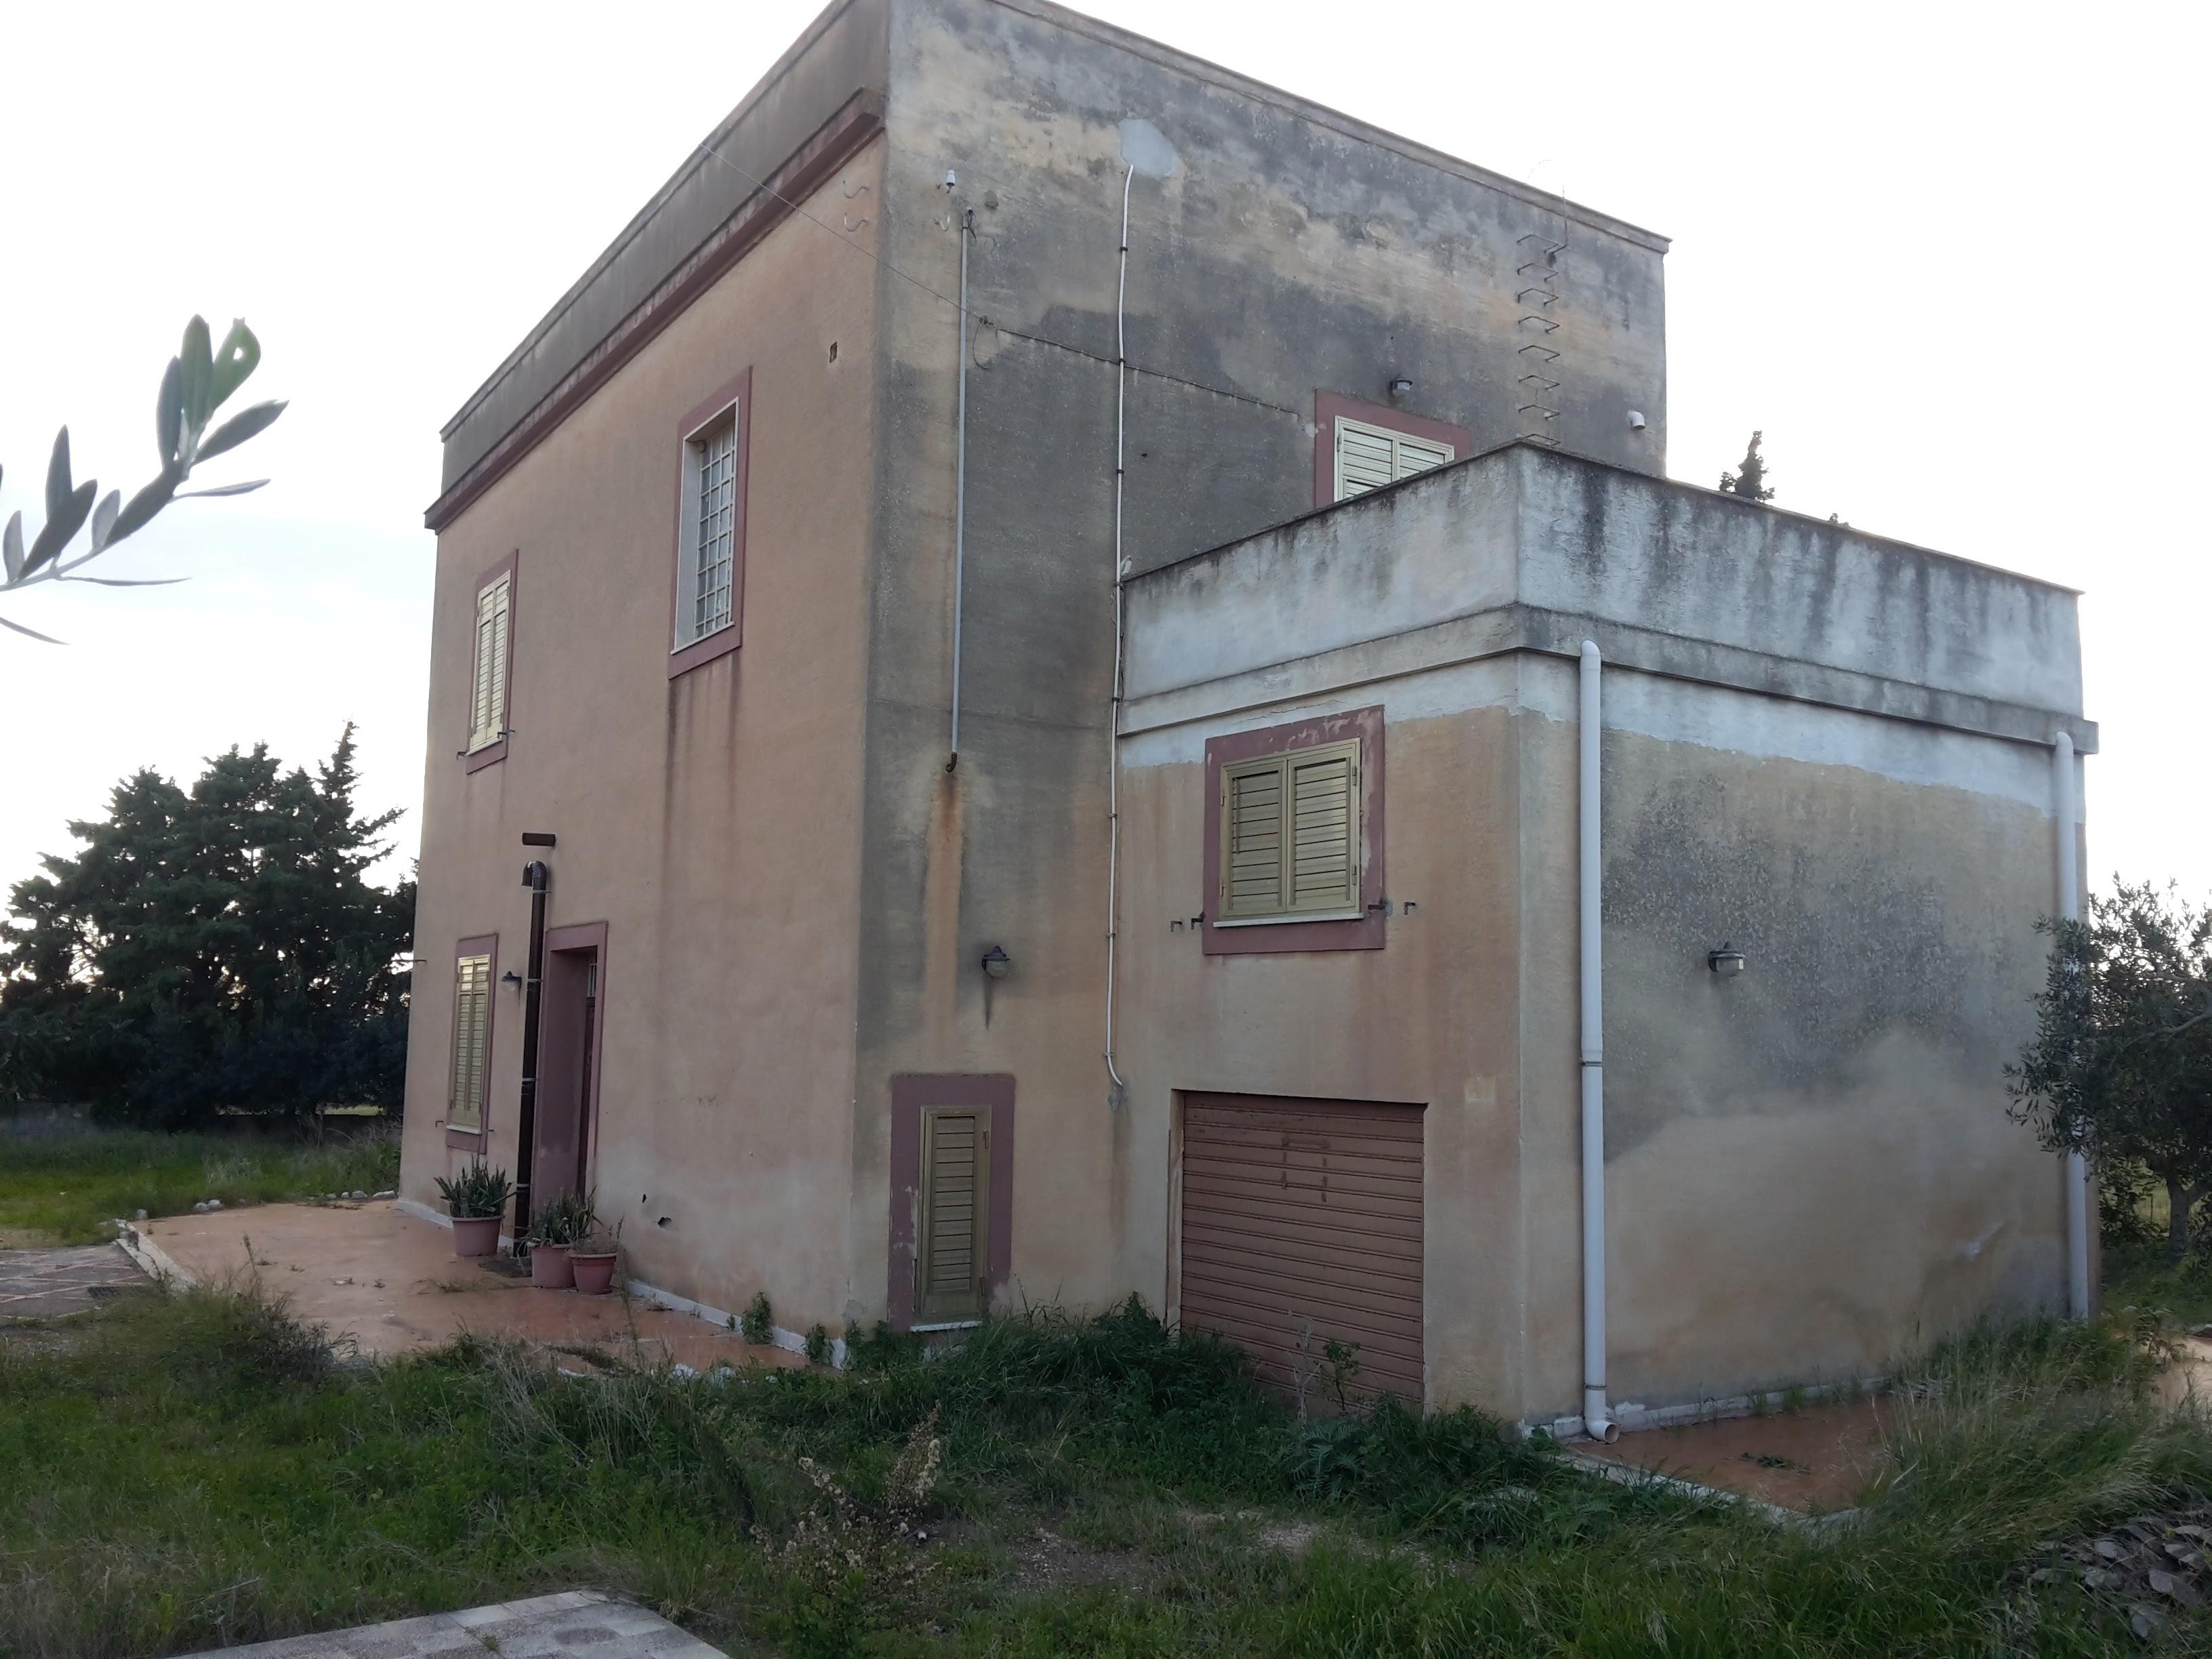 Casa a solo con terreno di mq circa monica consulting - Casa con terreno ...